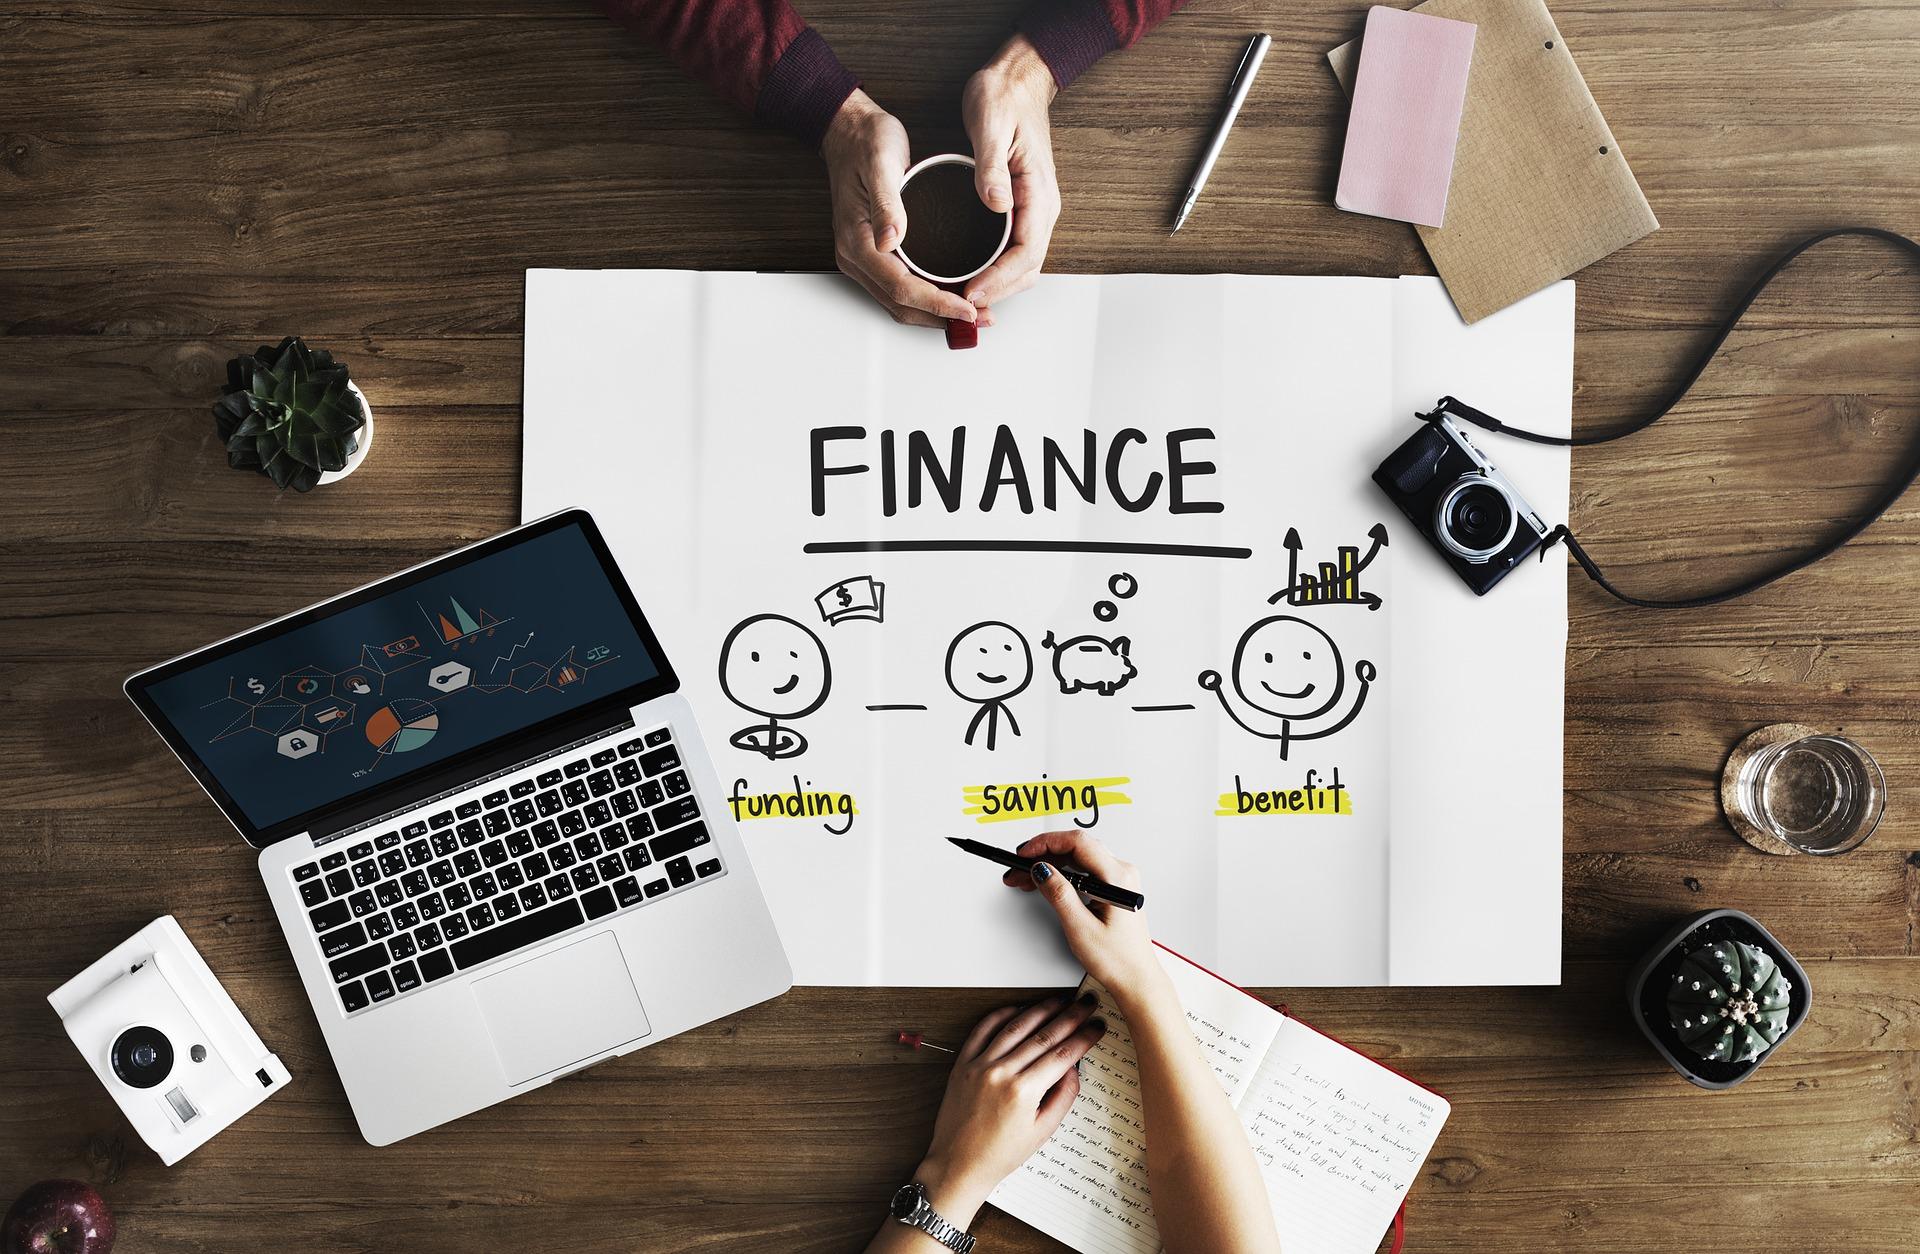 投資する金融商品を選択するコツ【初心者向け】